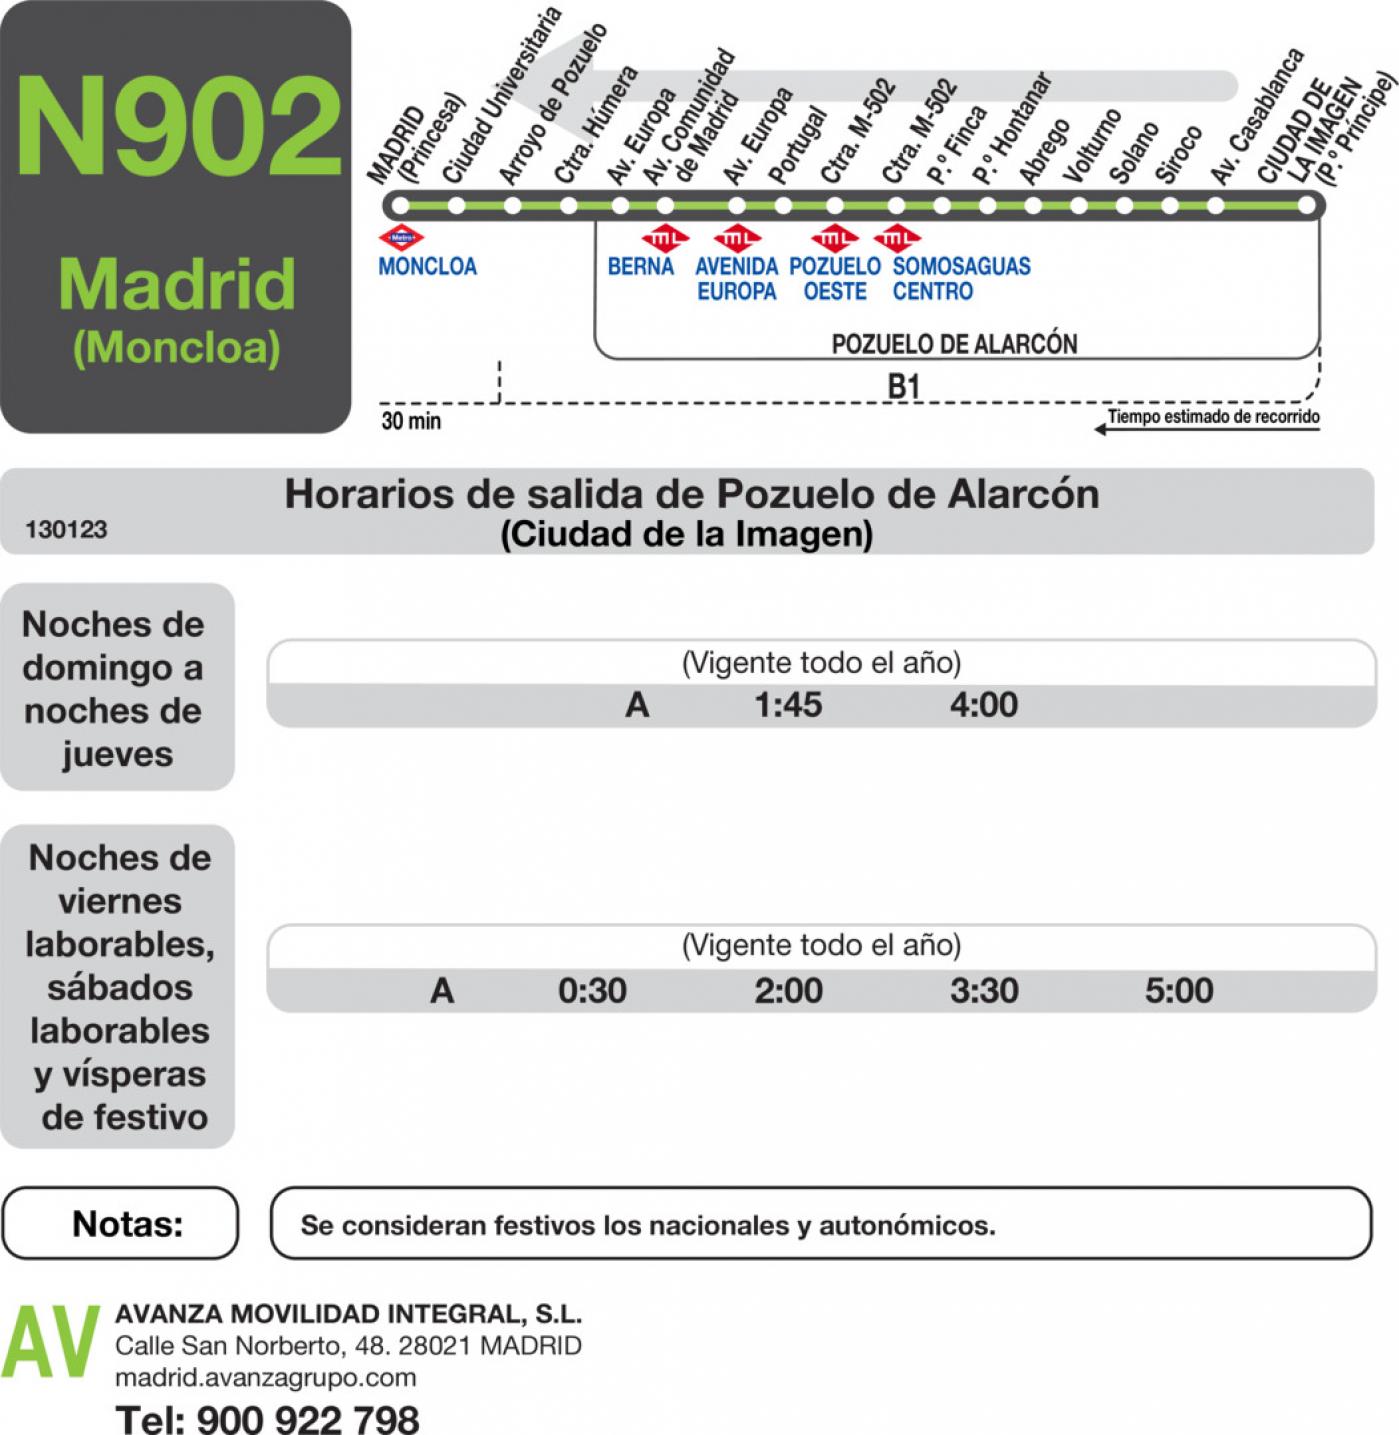 Tabla de horarios y frecuencias de paso en sentido vuelta Línea N-902: Madrid (Moncloa) - Pozuelo (Prado Somosaguas - Ciudad de la Imagen)